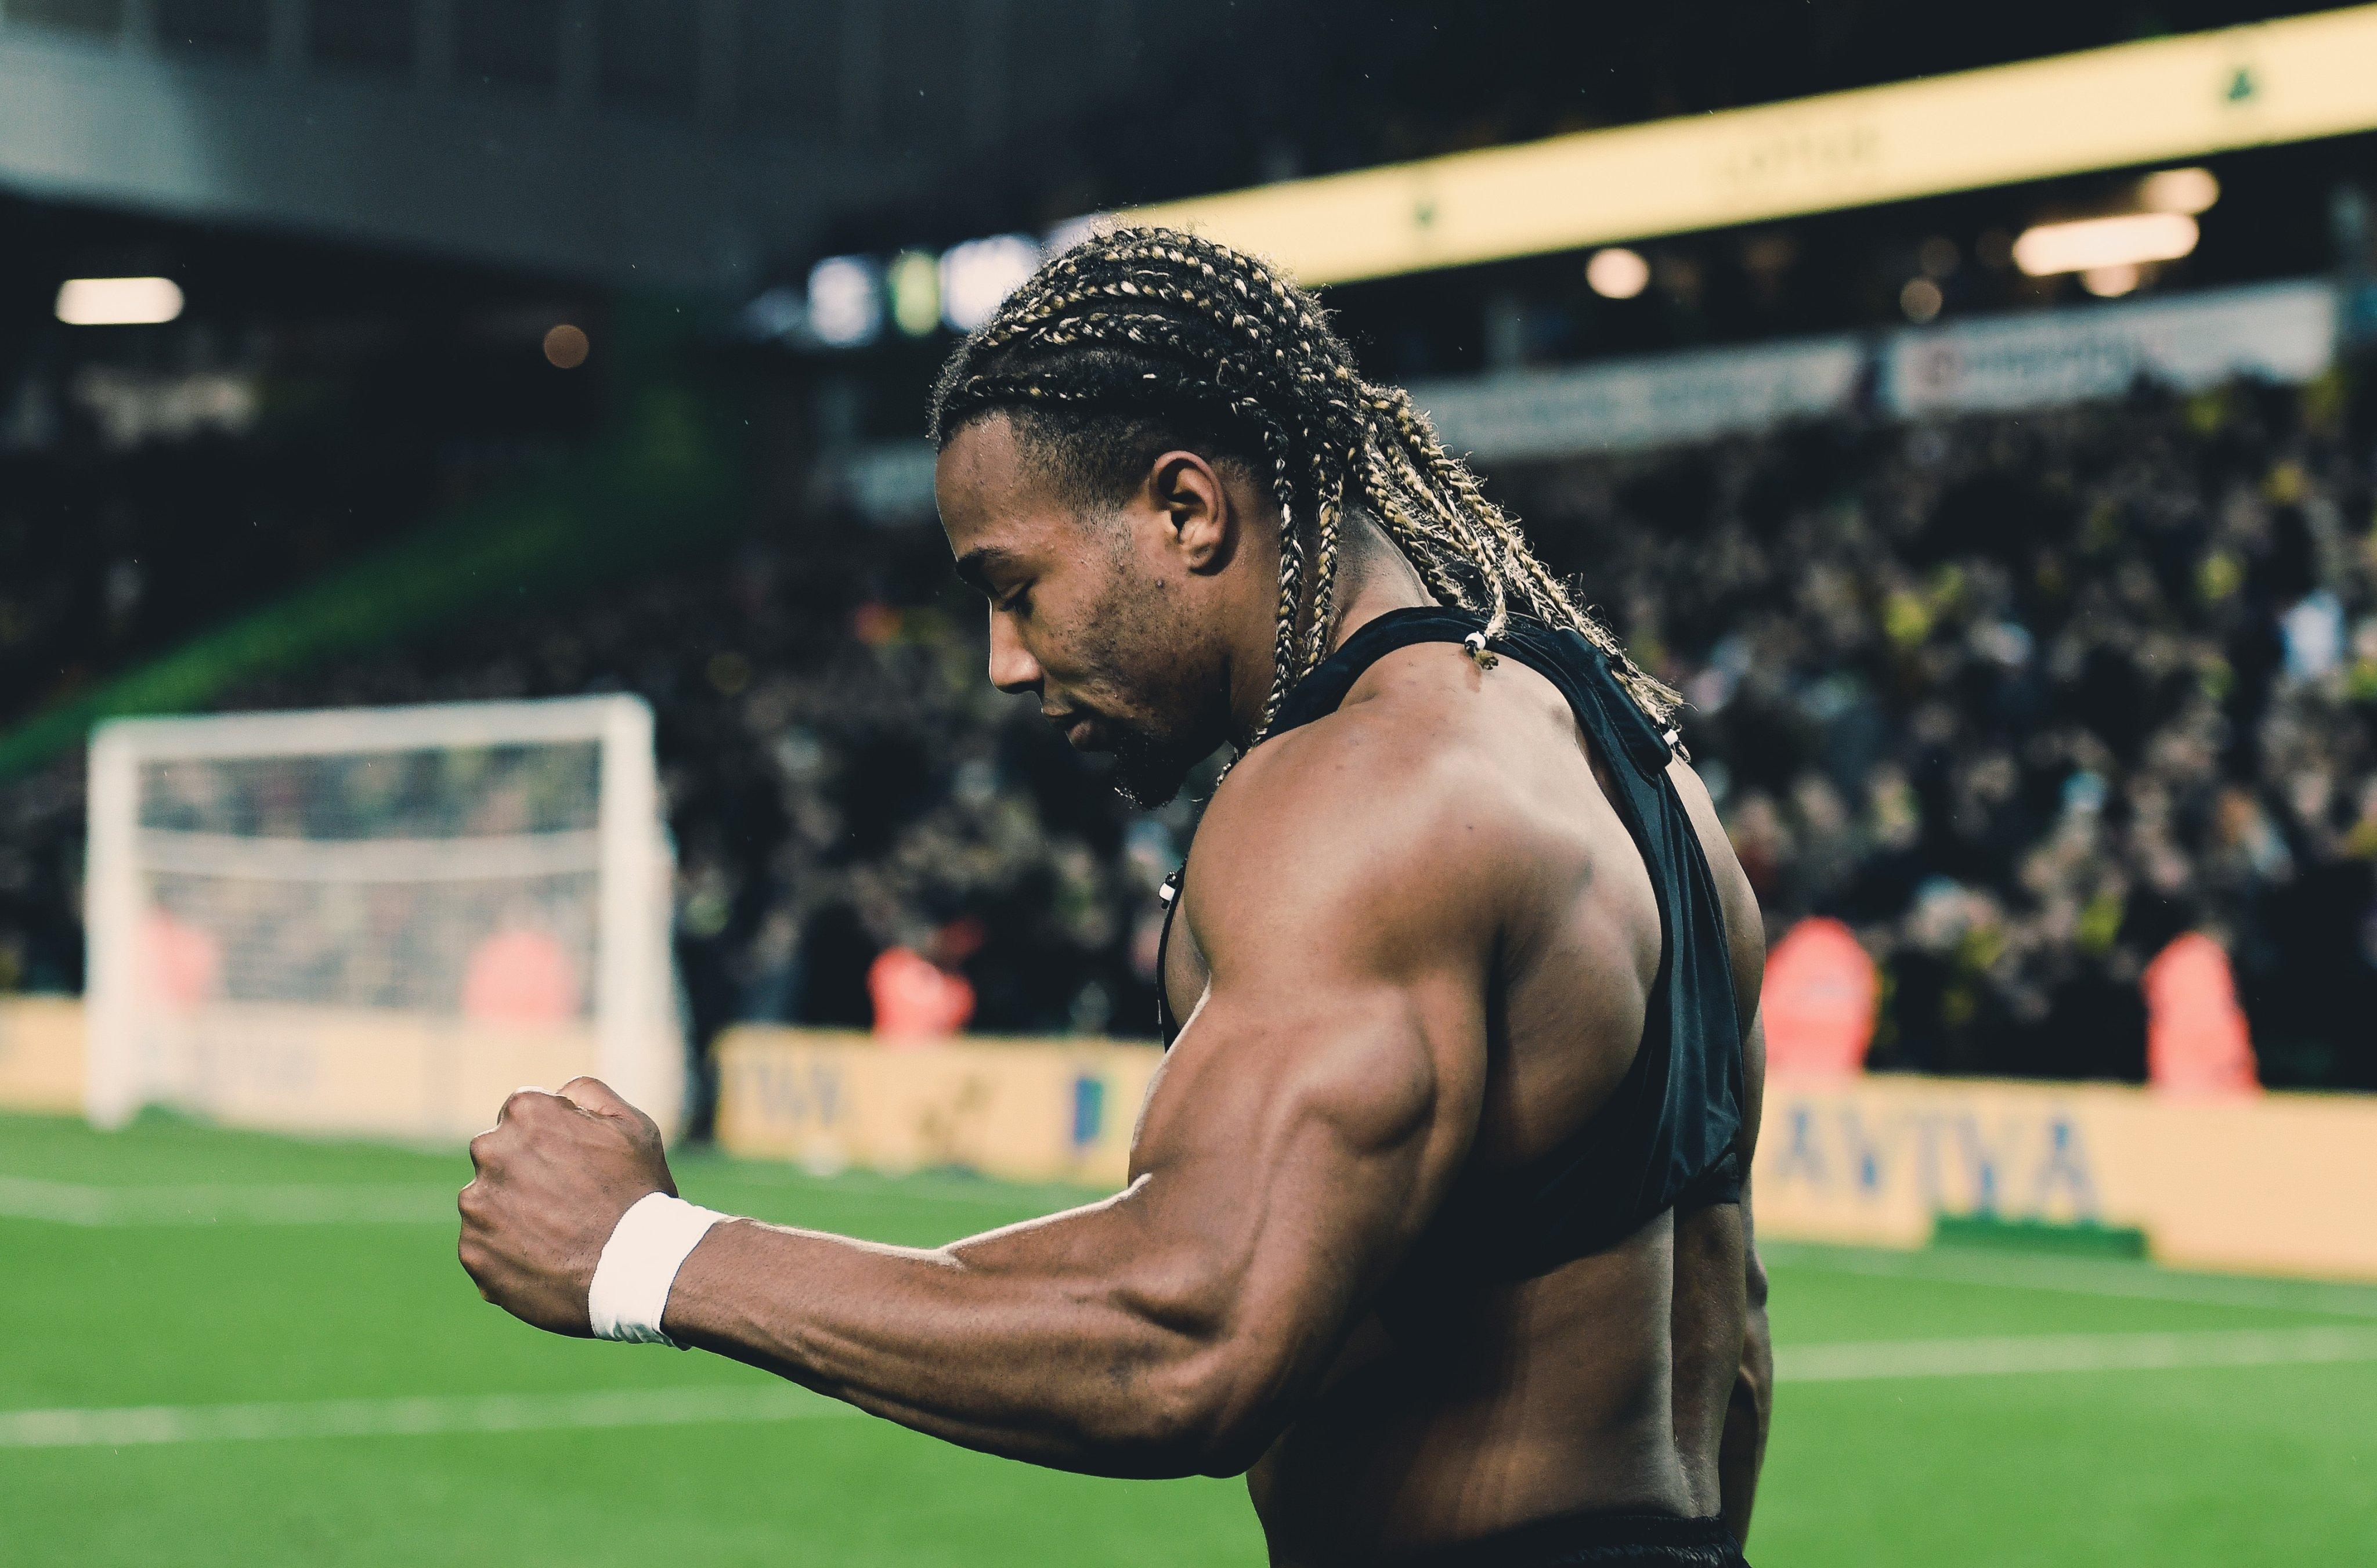 Adama Traore Yo Se Que Es Dificil De Creer Pero No Hago Pesas Video Futbol Sapiens